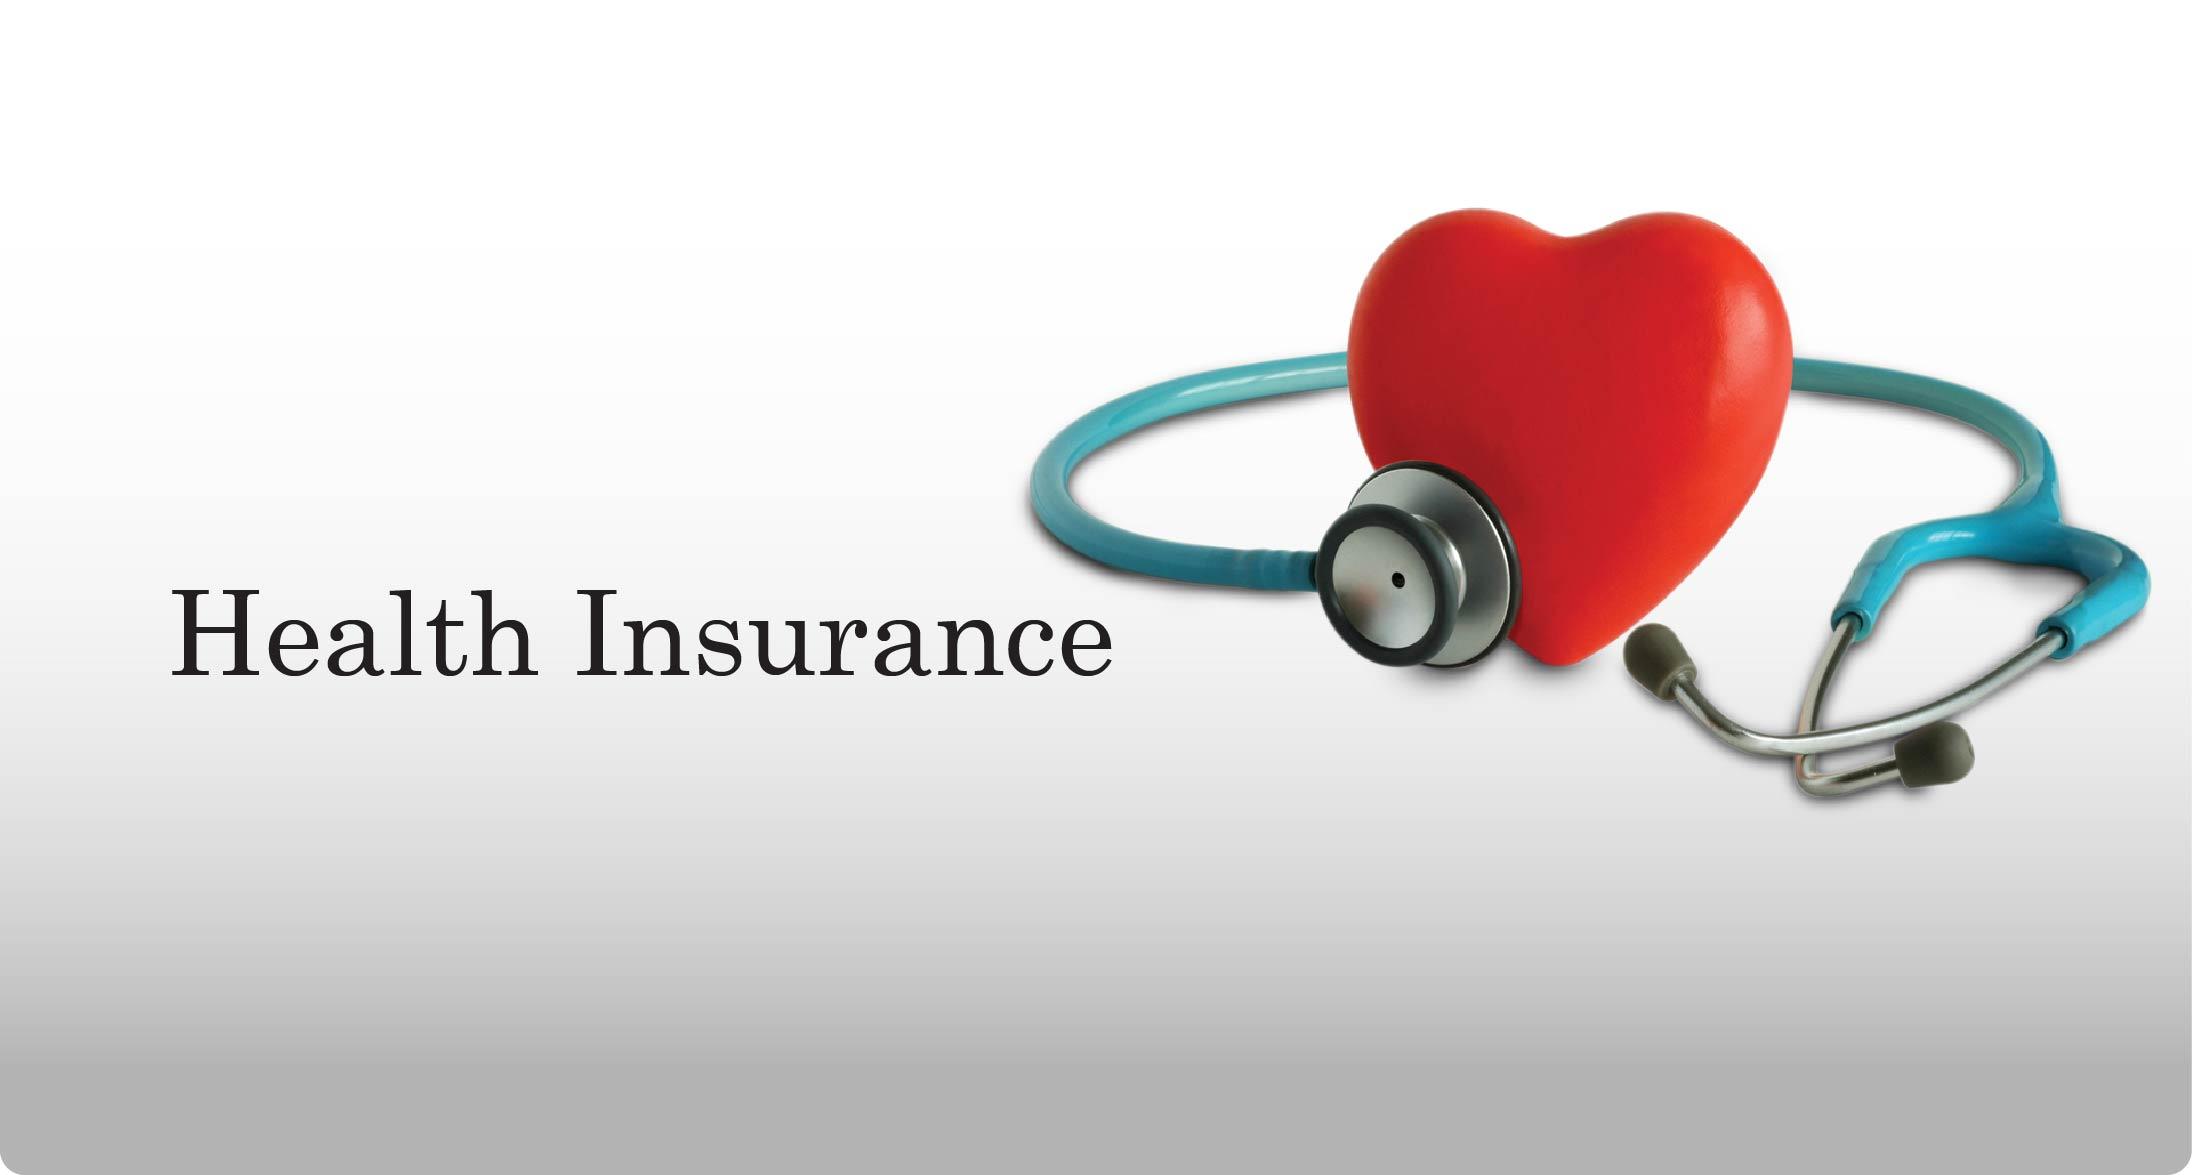 Ομαδική  ένταξη  των  μελών  της Π.Ο.Ε.Υ.Π.Σ. στο Σύστημα Υγείας Ygeia Care  (μέσω του New Health System).